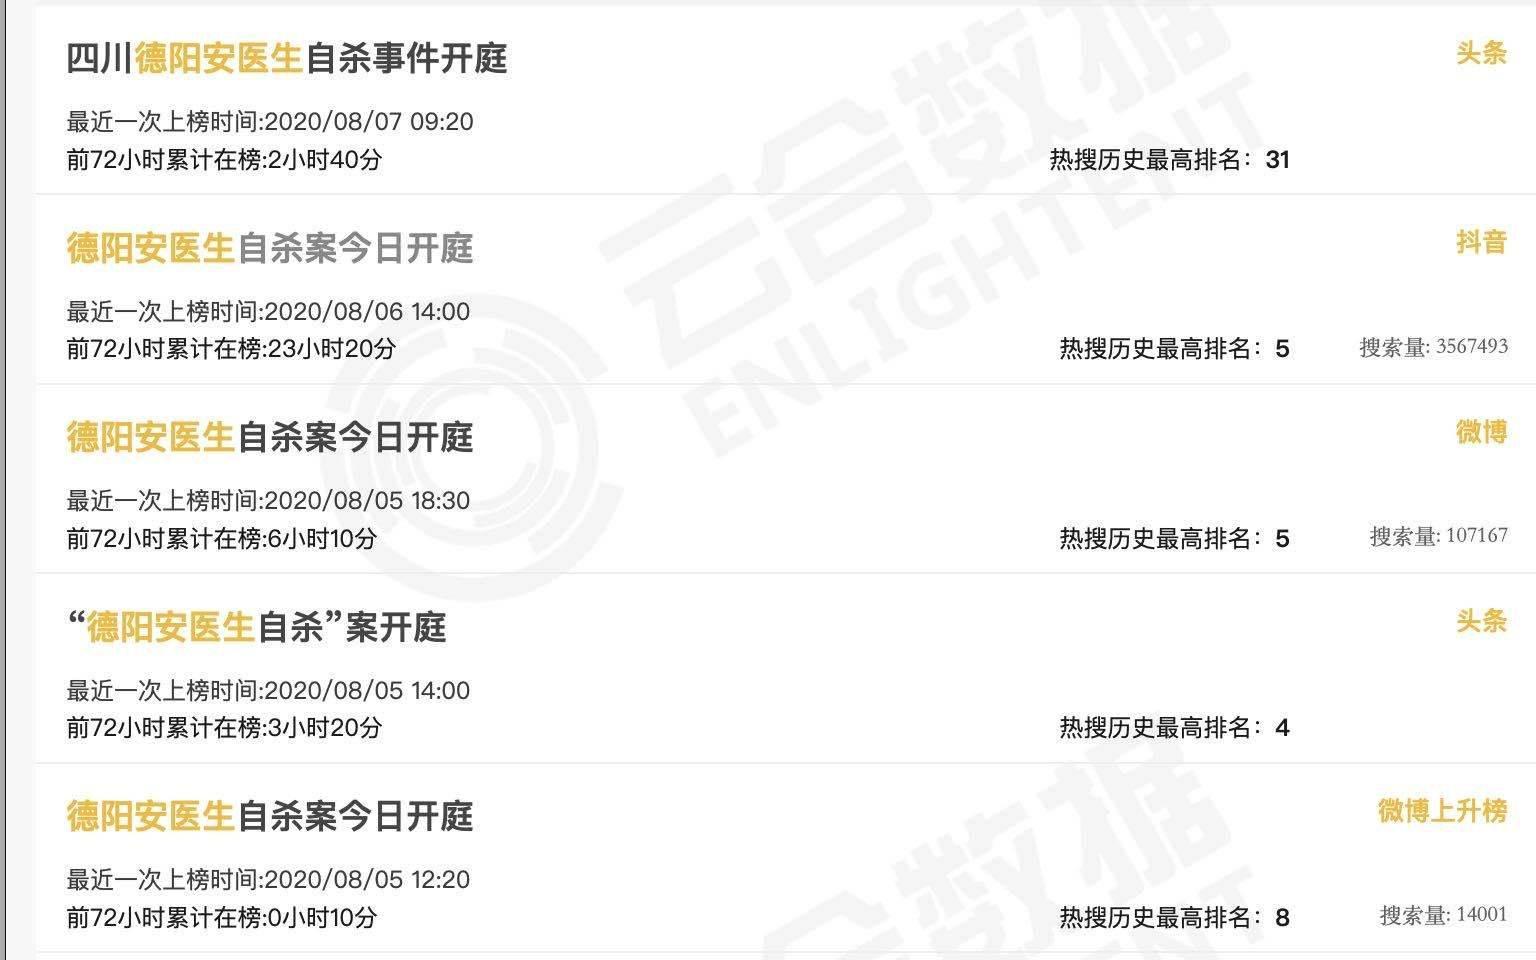 """""""德阳安医生""""自杀事件两年后:被网络暴力伤害的两个家庭"""